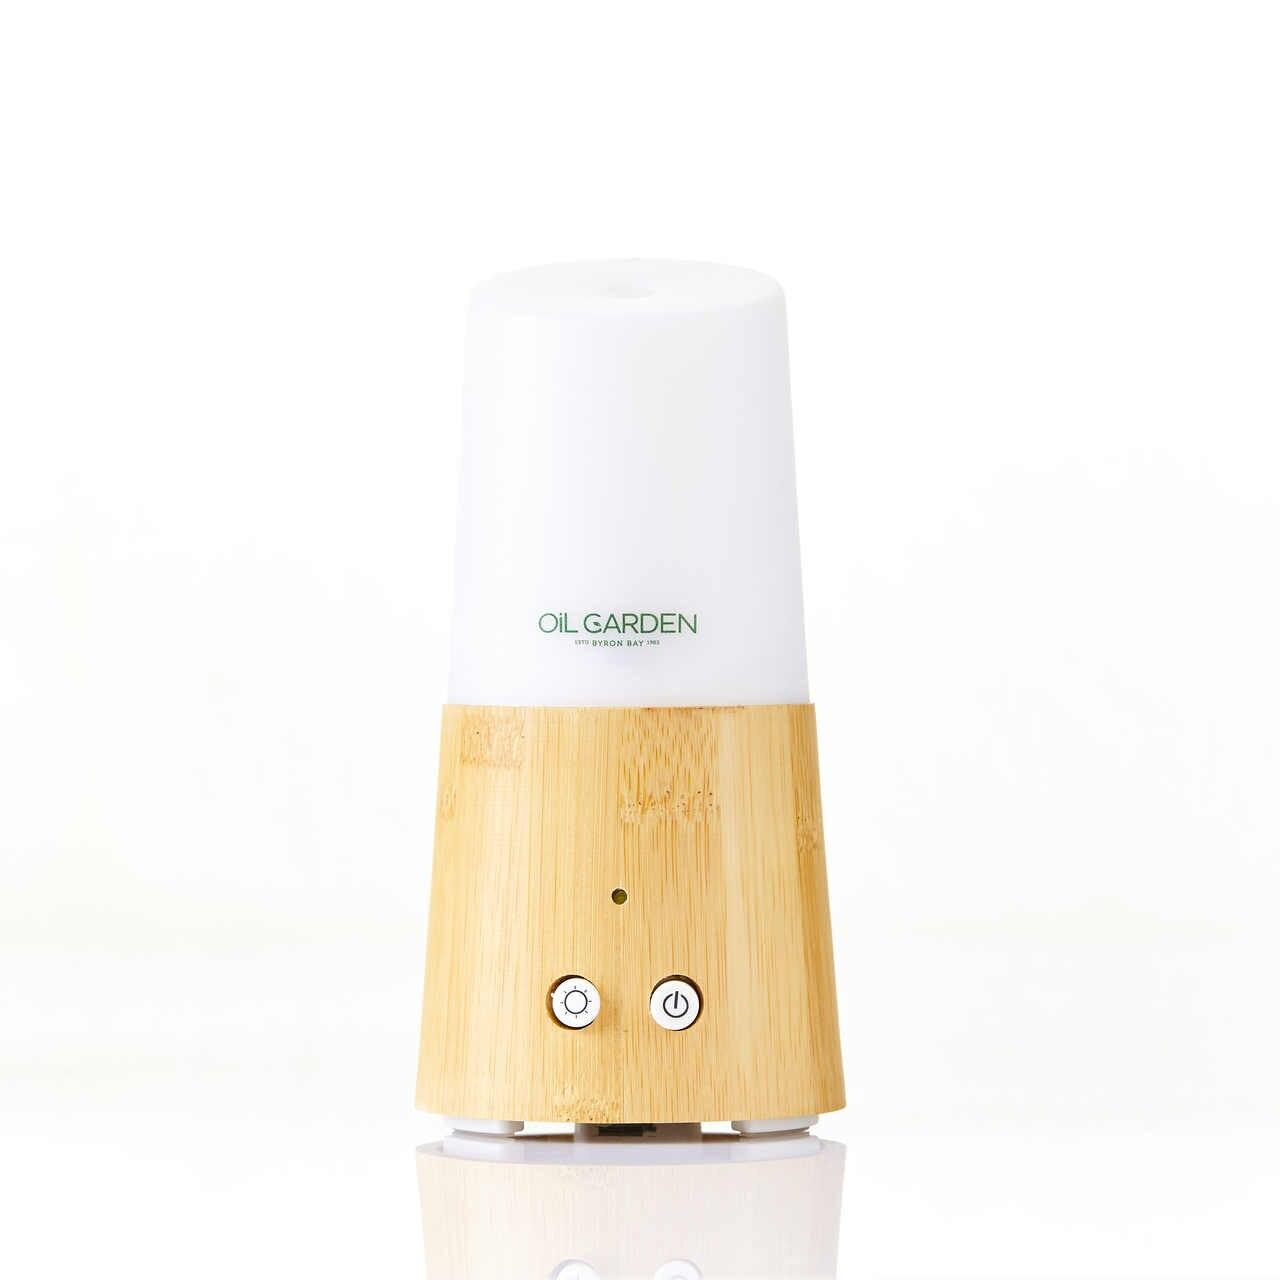 Oil Garden Bamboo Ultra Sonic Vaporiser 6691327